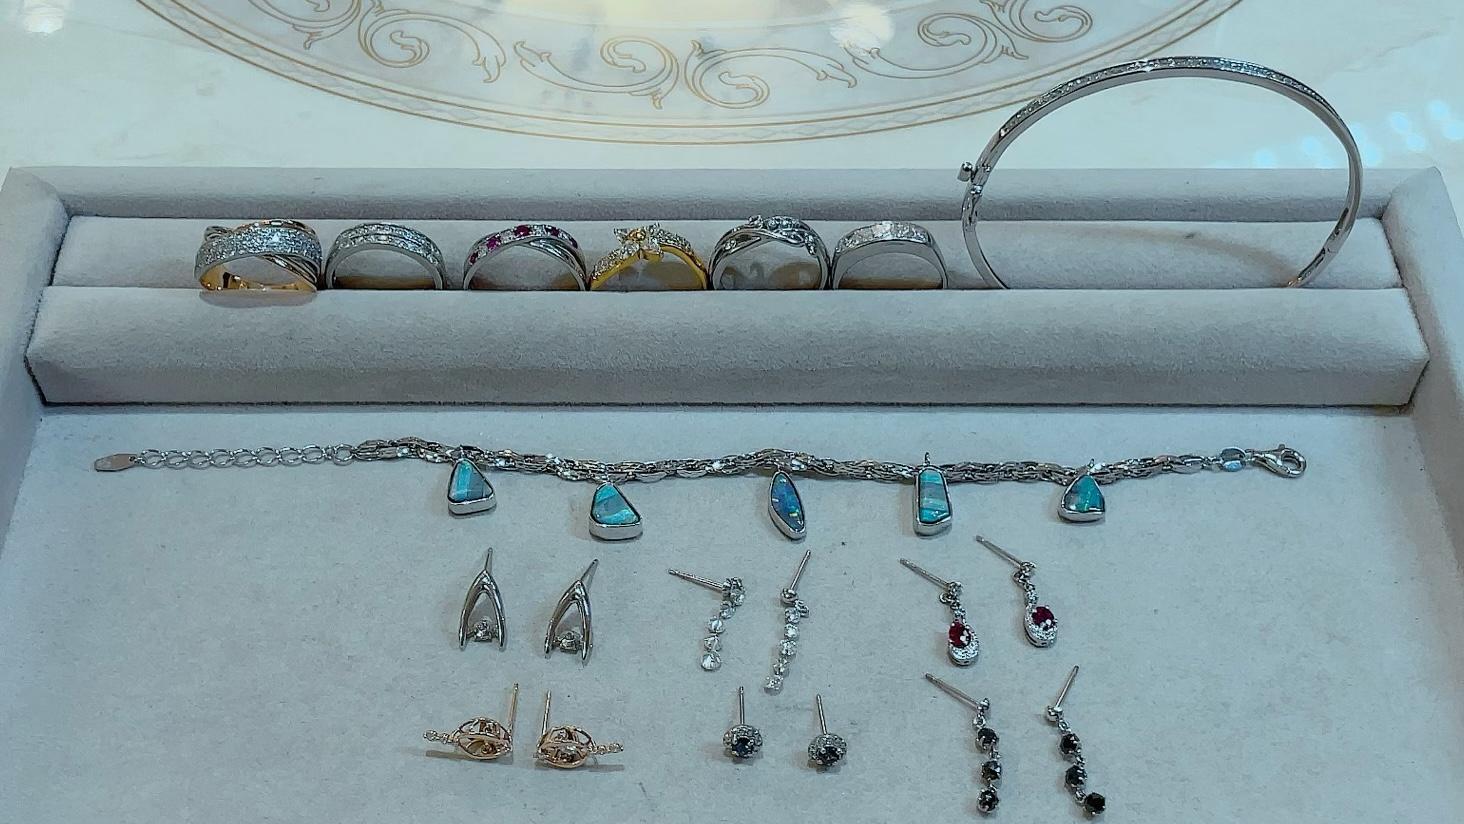 【買取速報】アレキサンドライト、ダイヤモンド、ブラックダイヤ、ボルダーオパール、ルビー、バン-2021-09-10